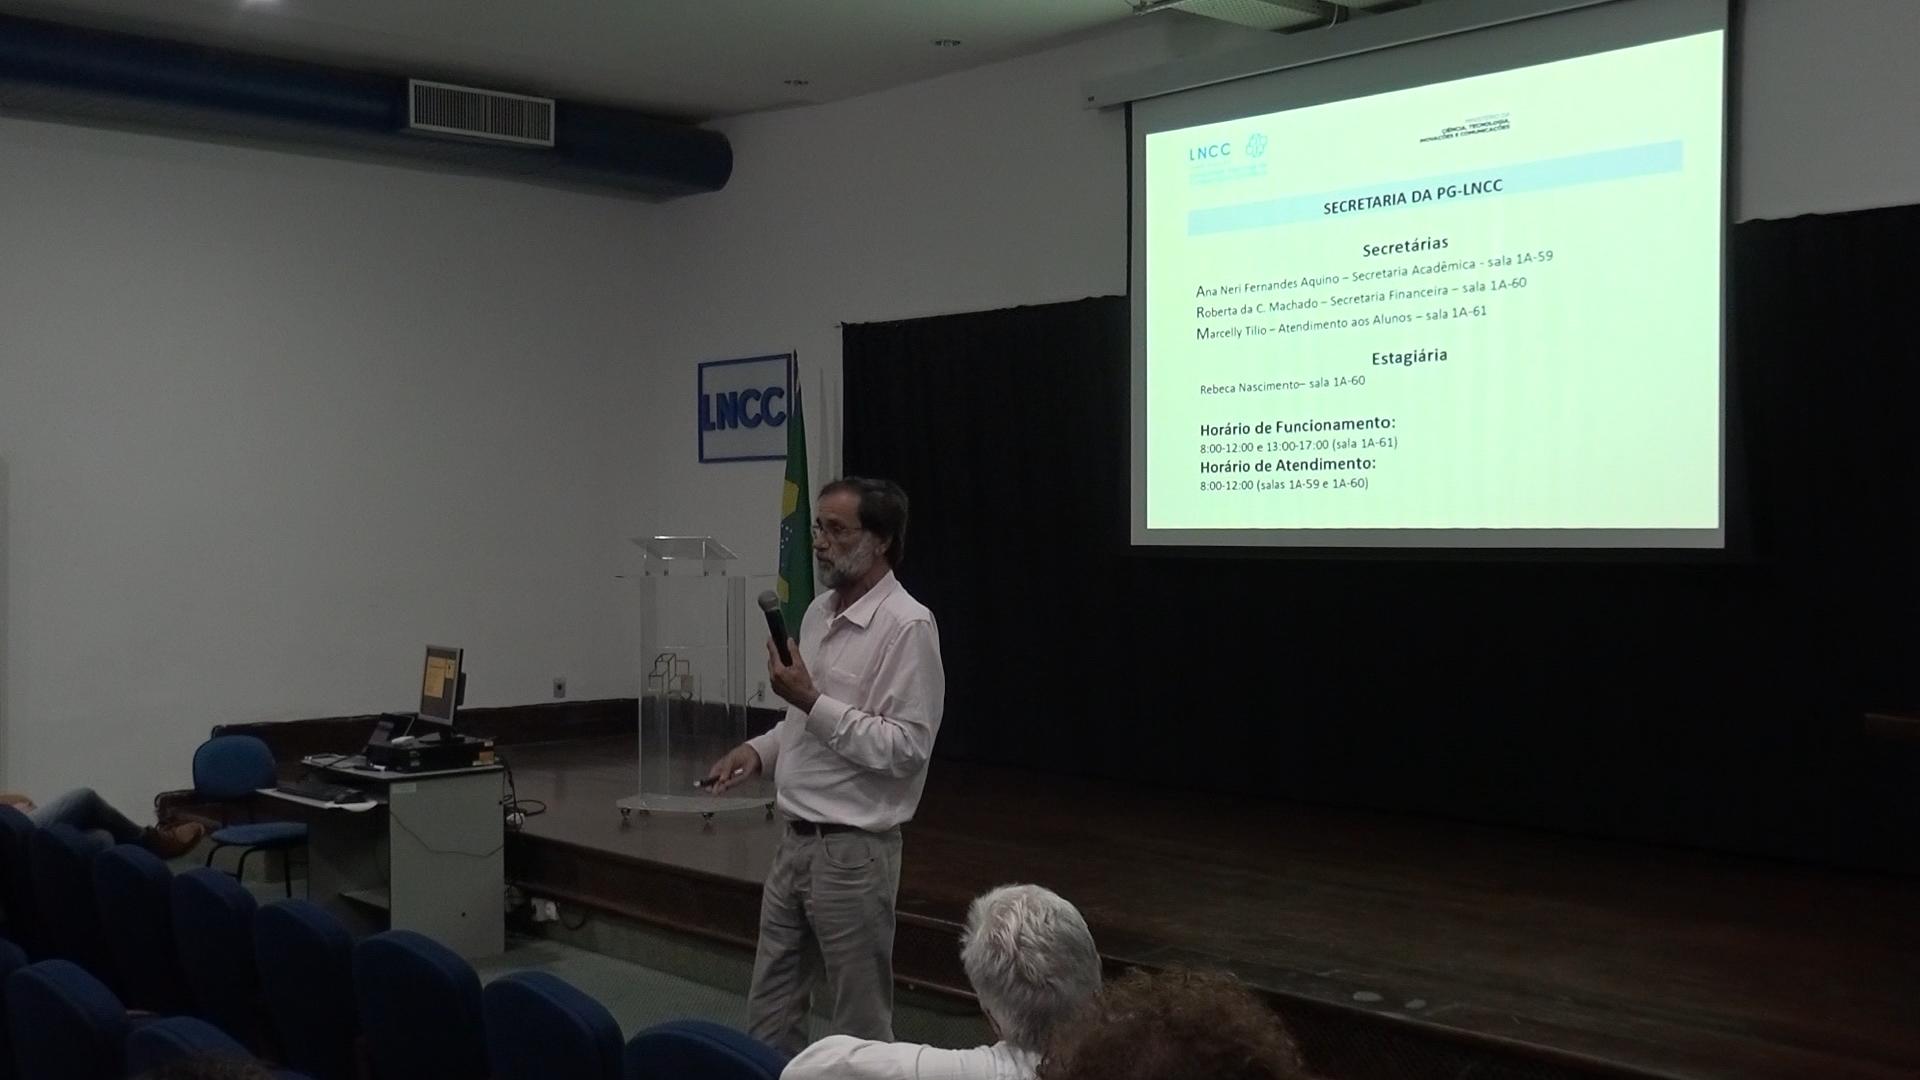 professor abimael.png (2.72 MB)